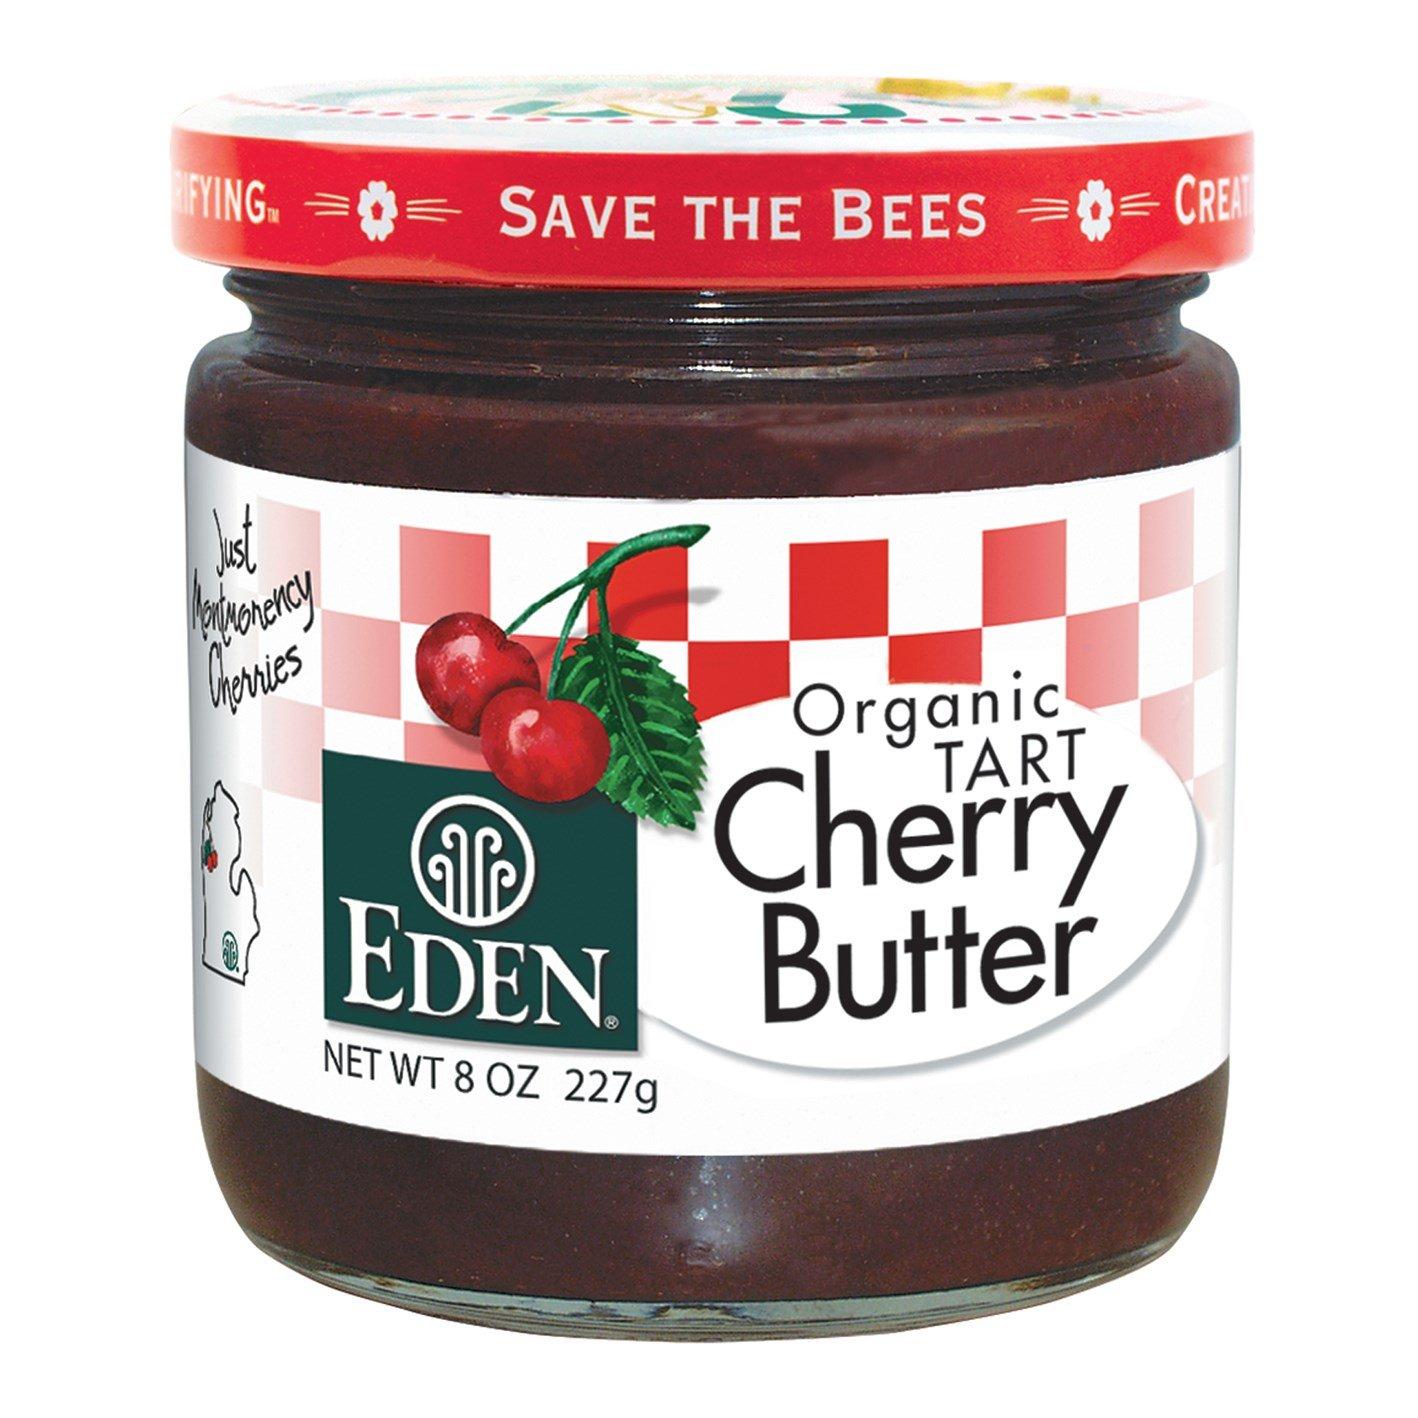 Eden Foods, Organic Tart Cherry Butter, 8 oz (227 g) (DOUBLE PACK)